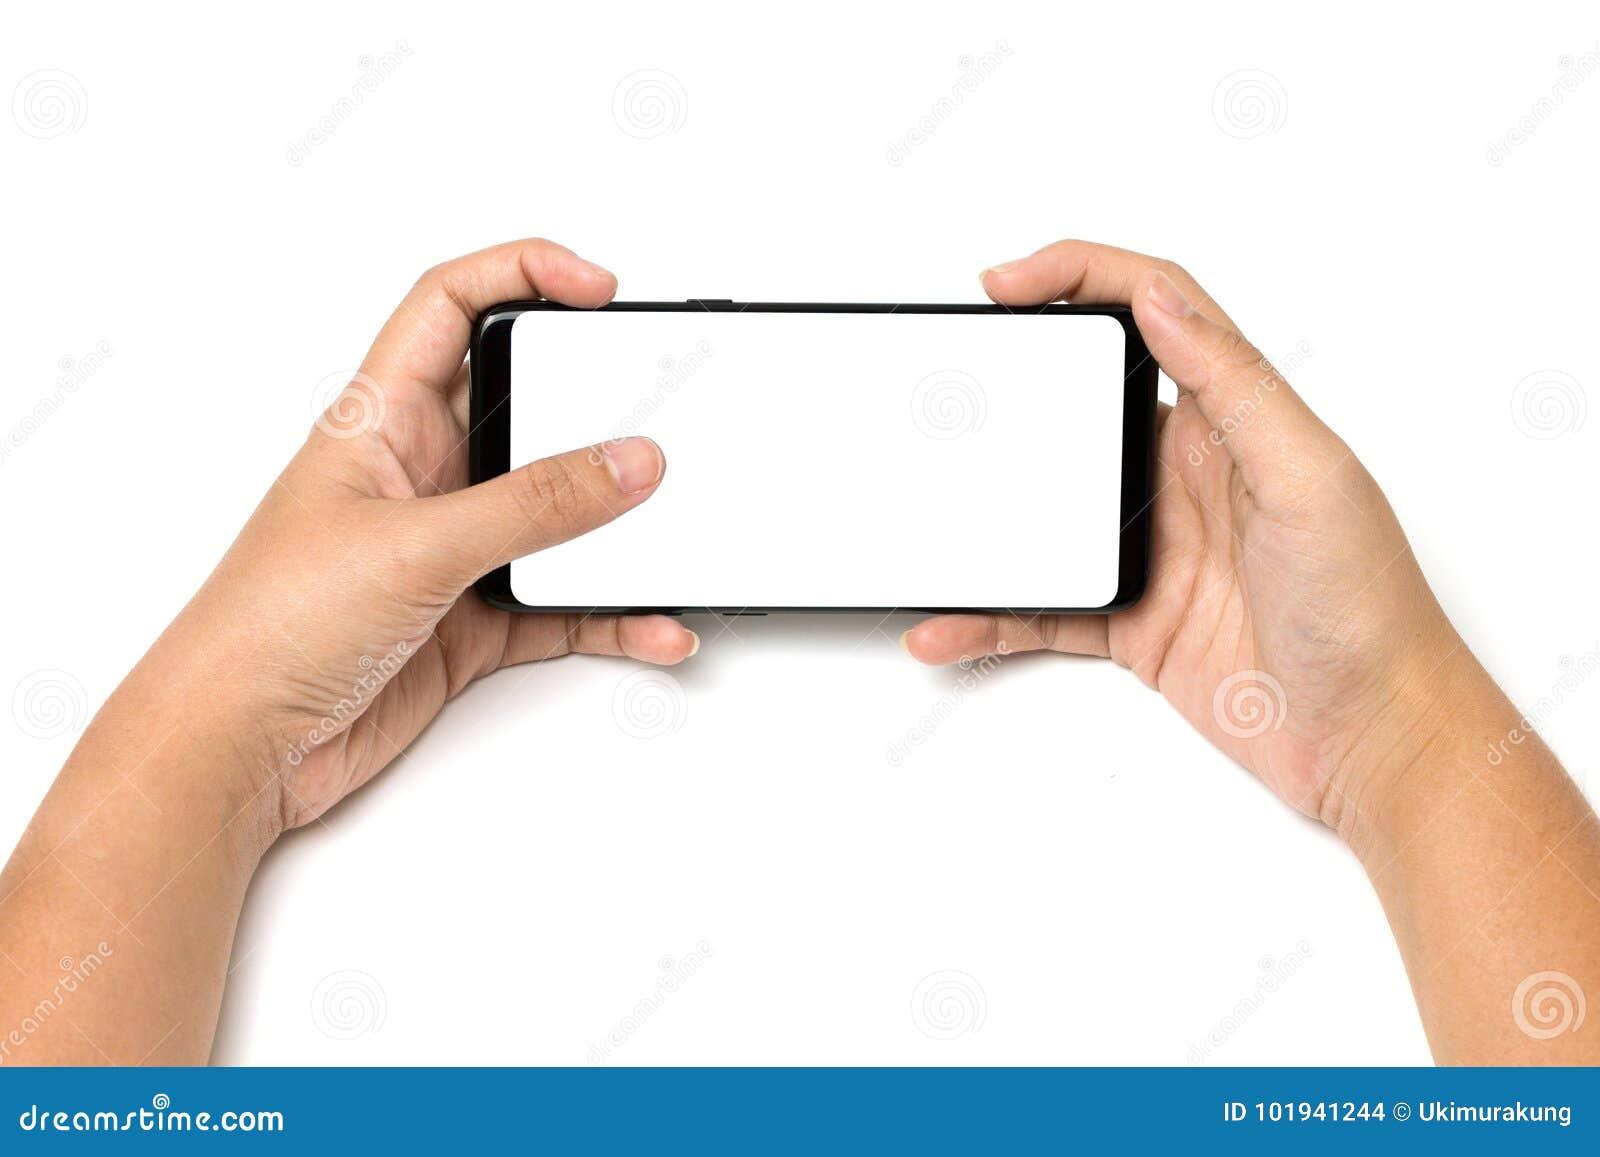 Tacto del teléfono celular y del finger de tenencia de la mano en la pantalla blanca en blanco